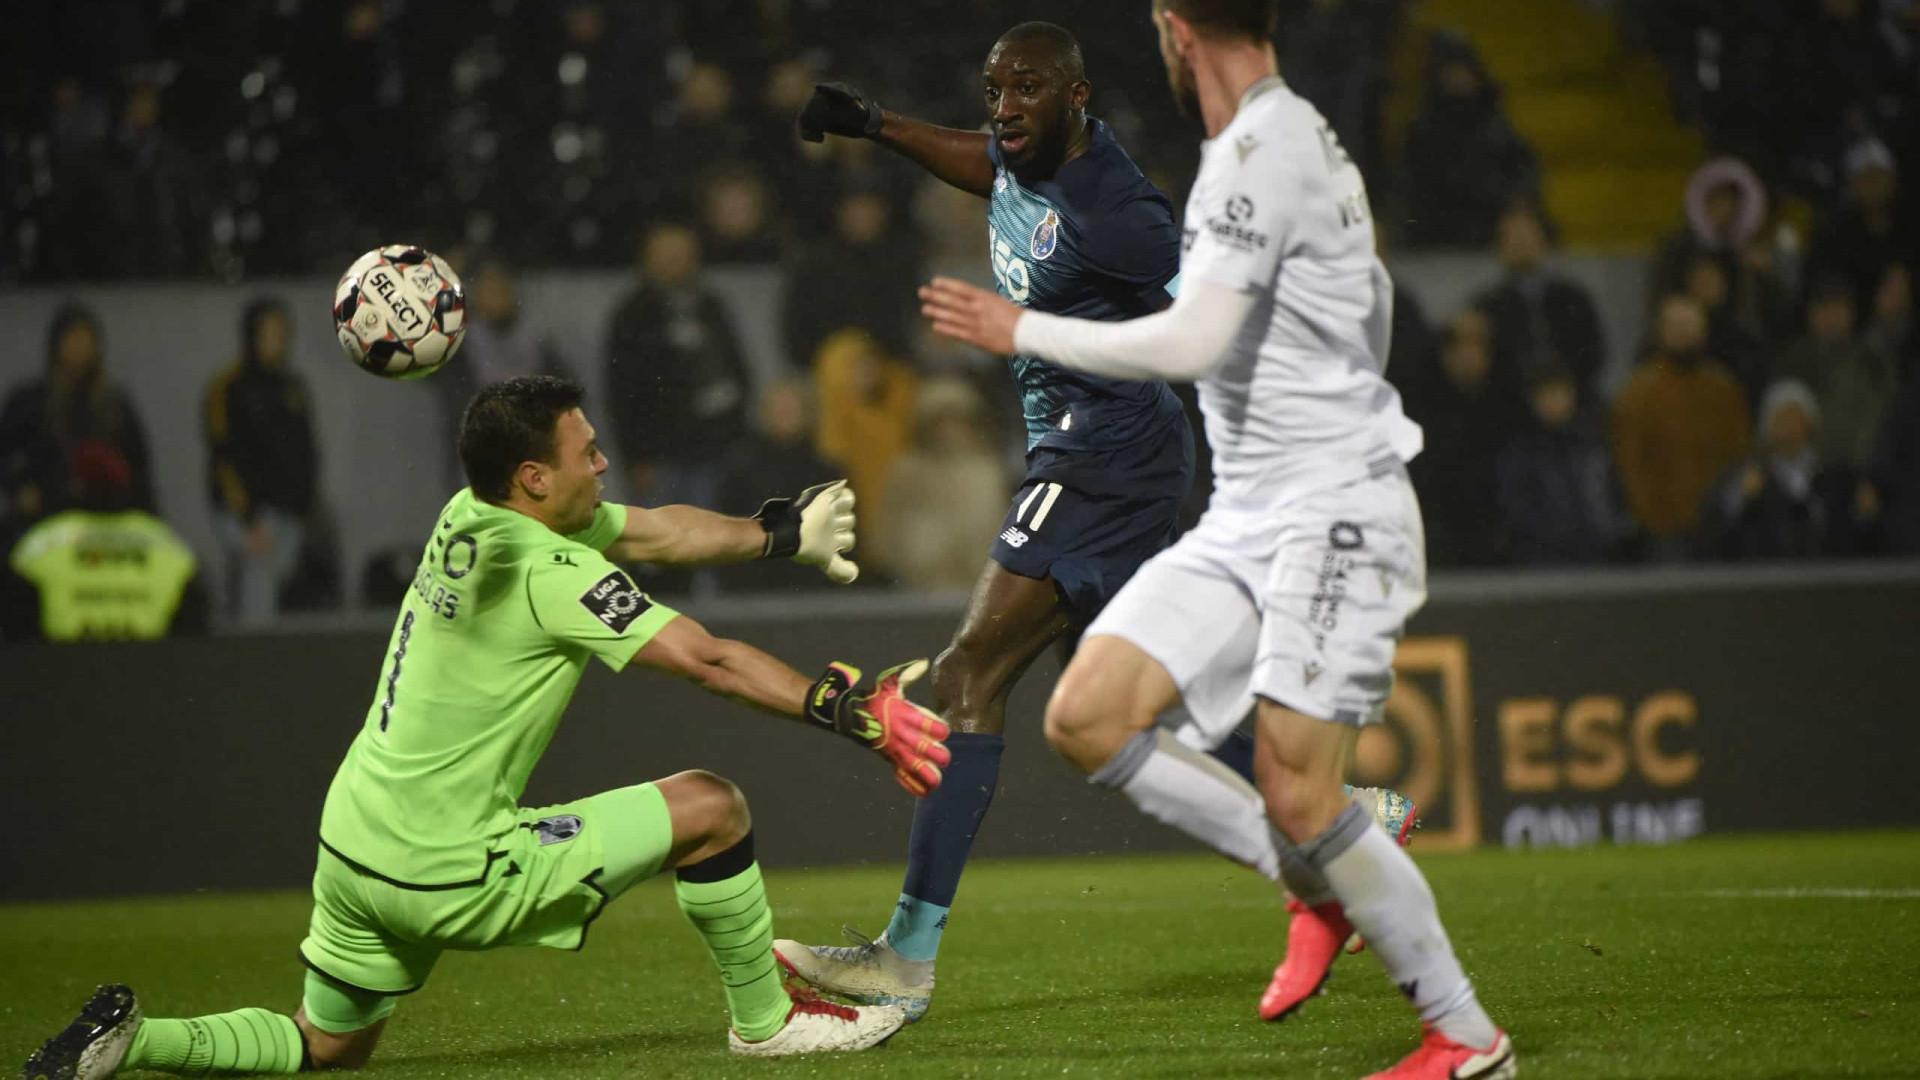 Dragão vence Vitória SC, mas futebol voltou a perder para o racismo